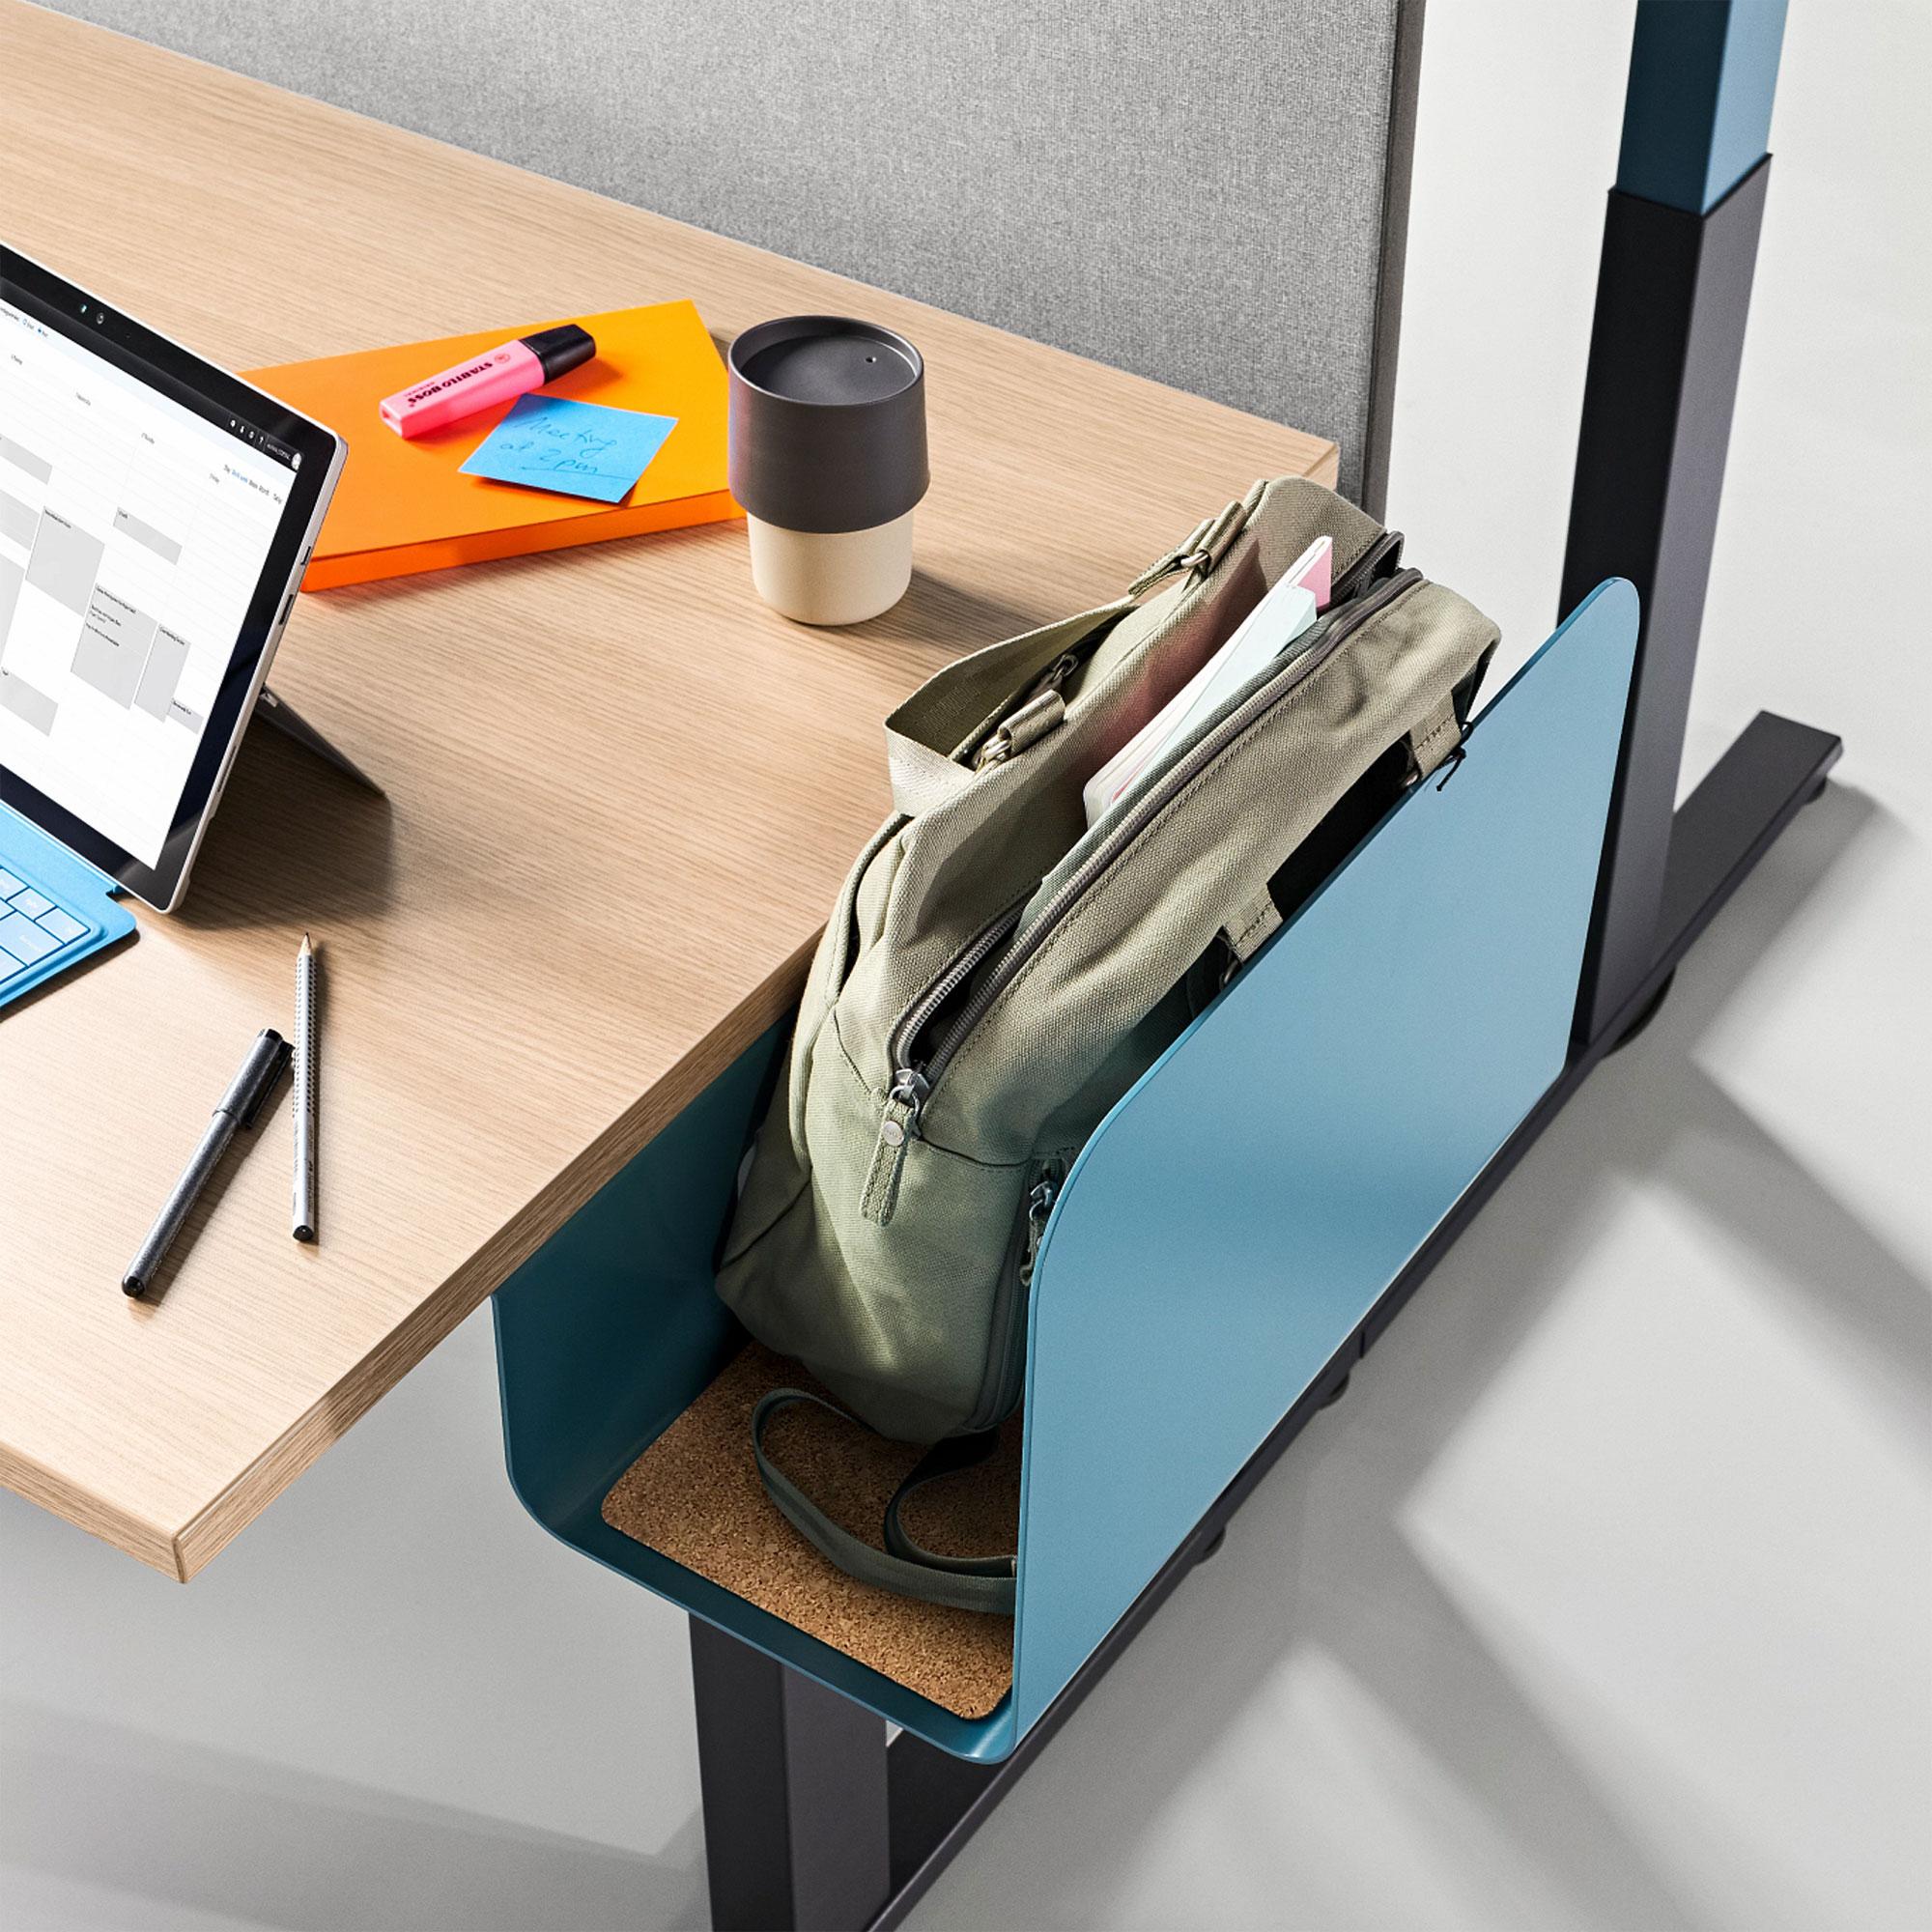 Steelcase Migration SE elektrisch höhenverstellbarer Schreibtisch, 720 - 1200 mm